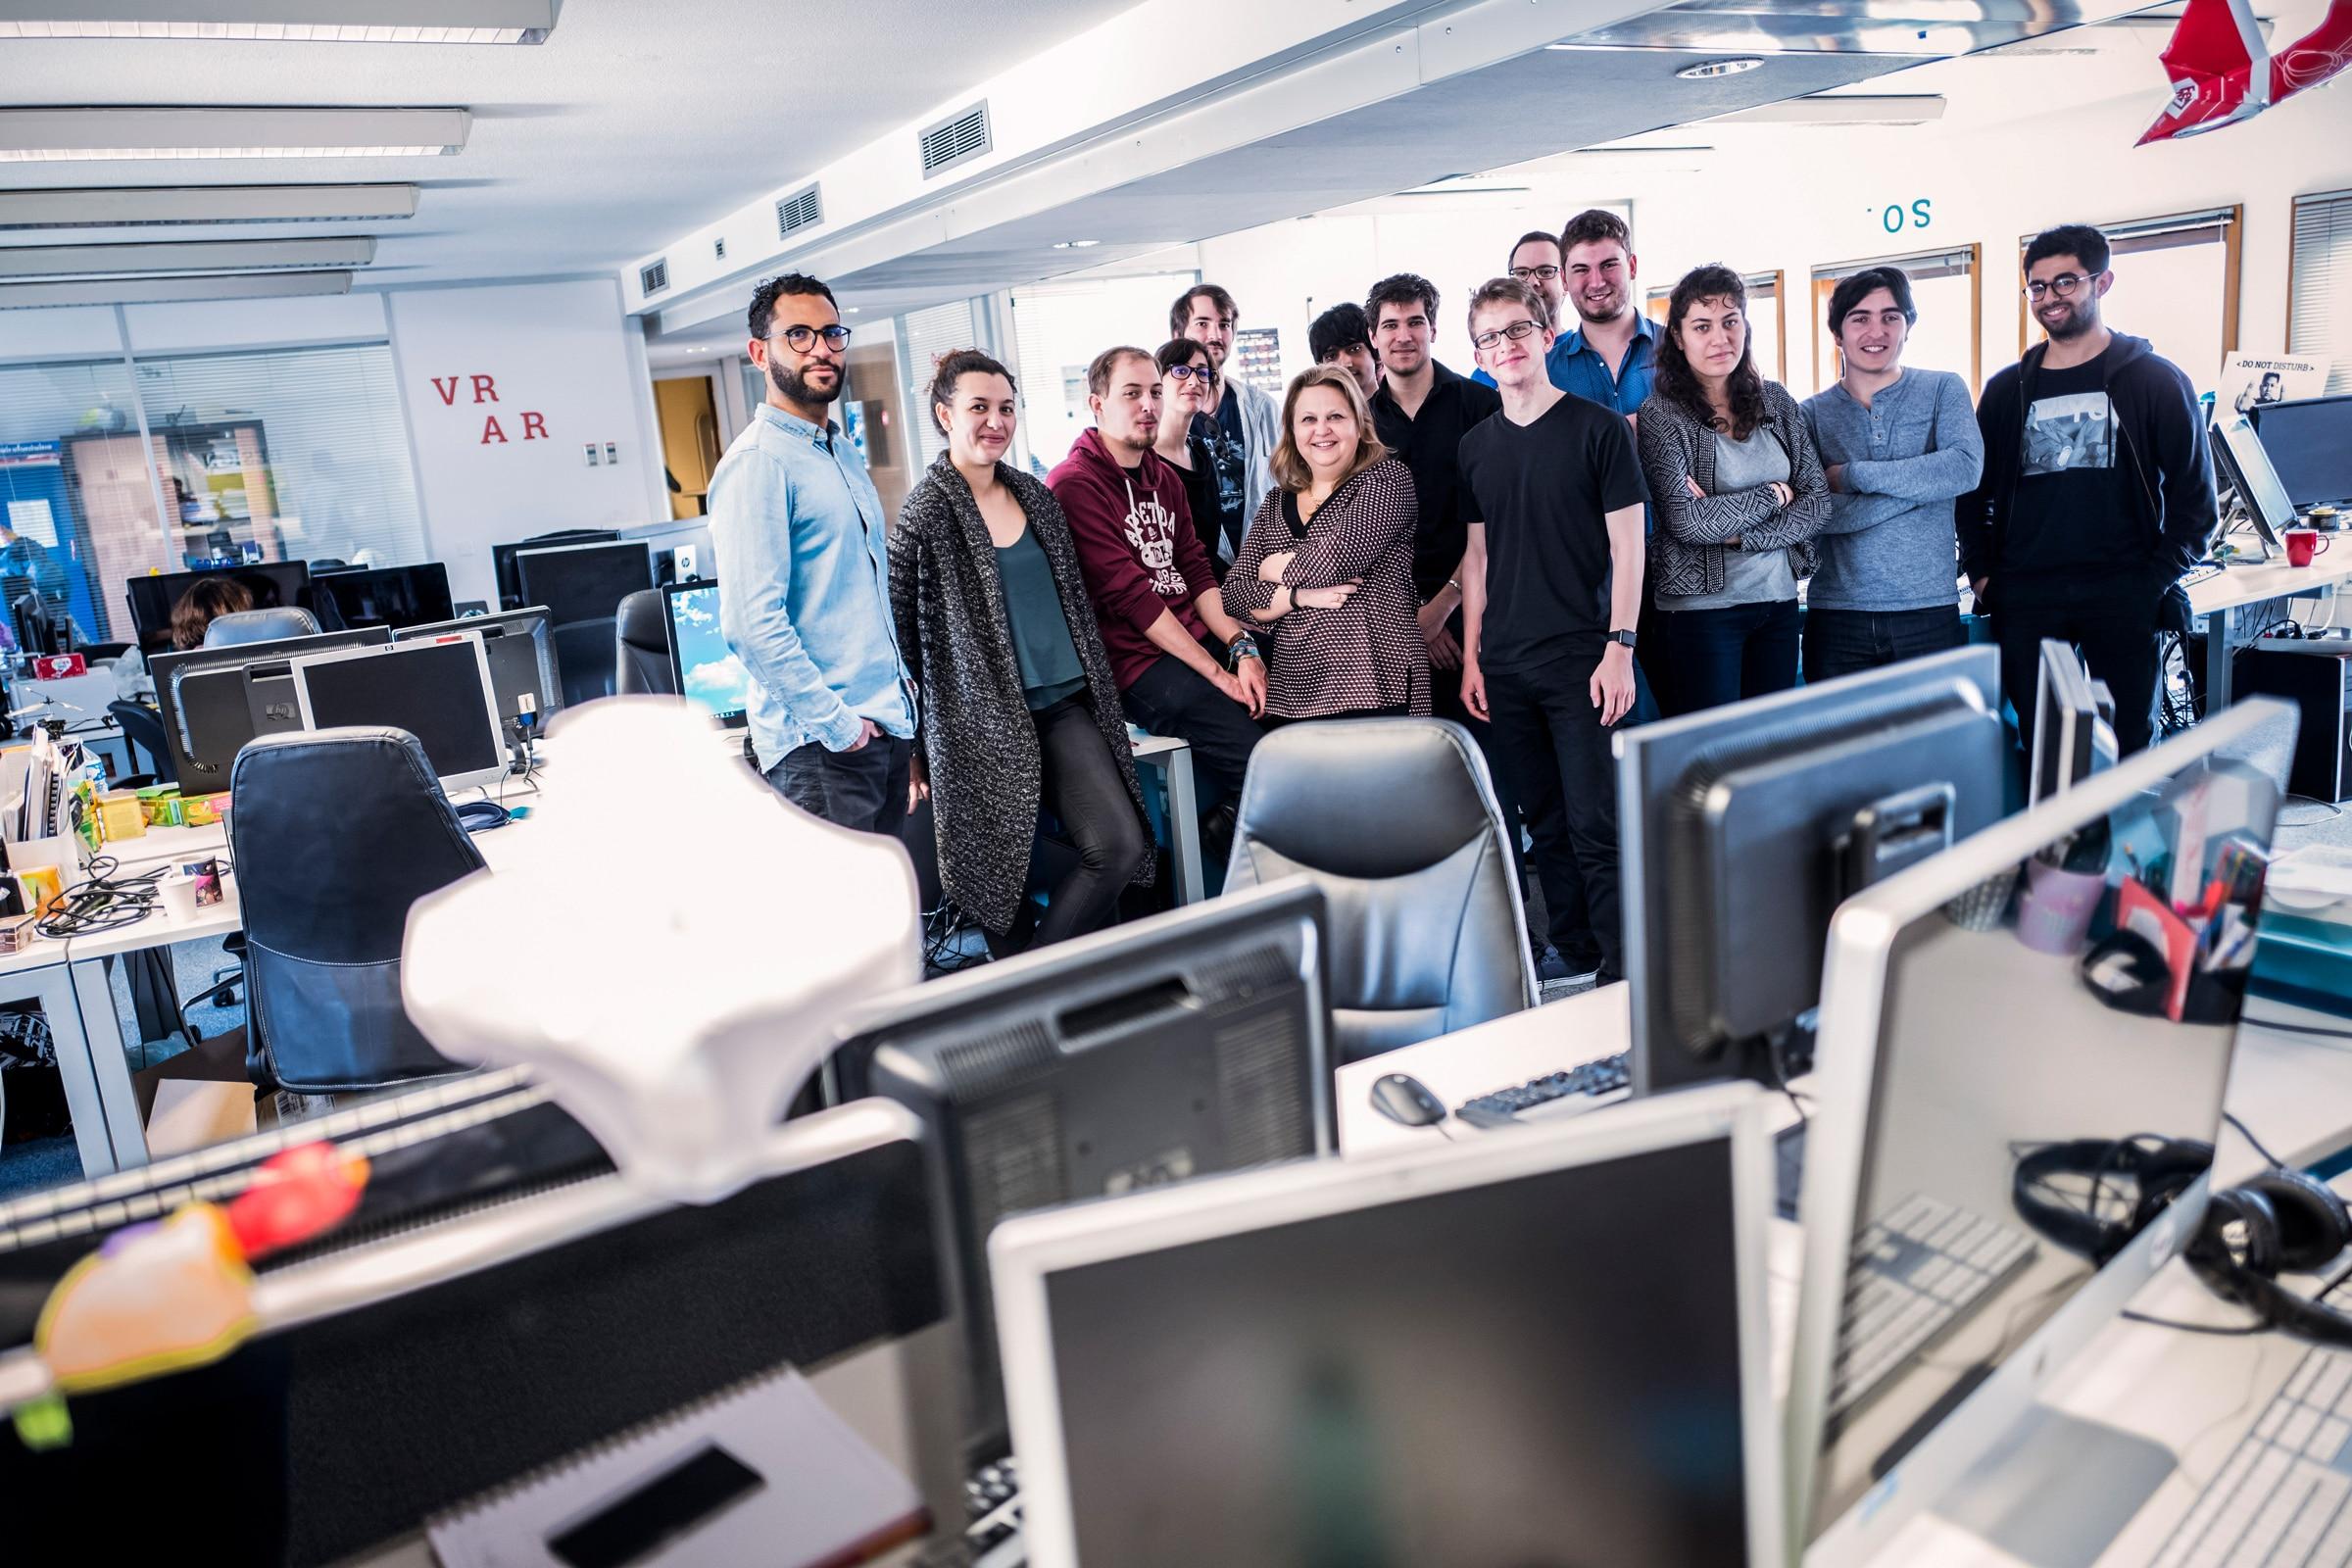 EPITA, Ecole d'ingénieurs en intelligence informatique - Laboratoire Innovation numérique